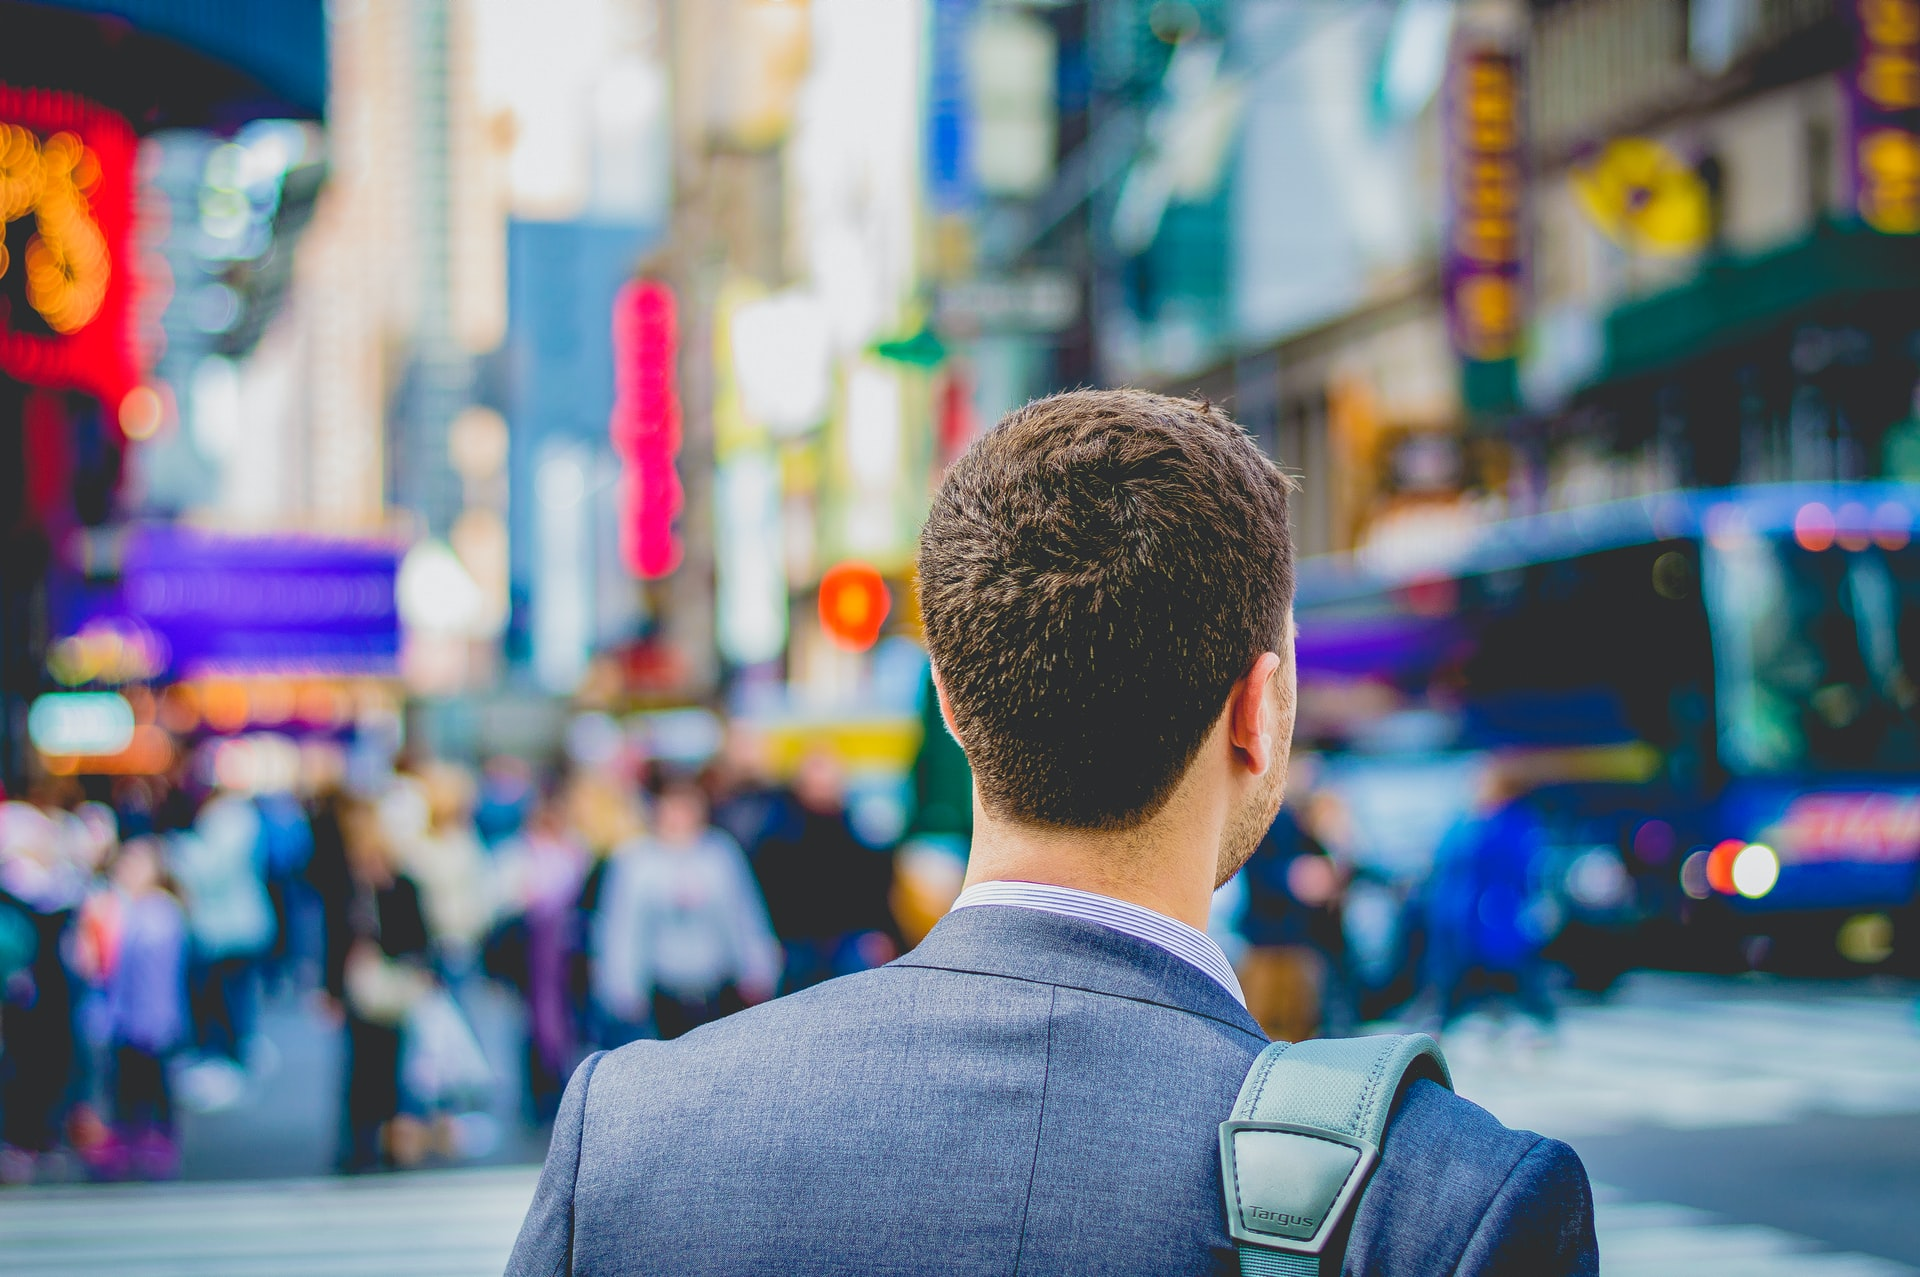 「【グローバル人材必見】外資企業へ入社するおすすめの方法5選!」のアイキャッチ画像